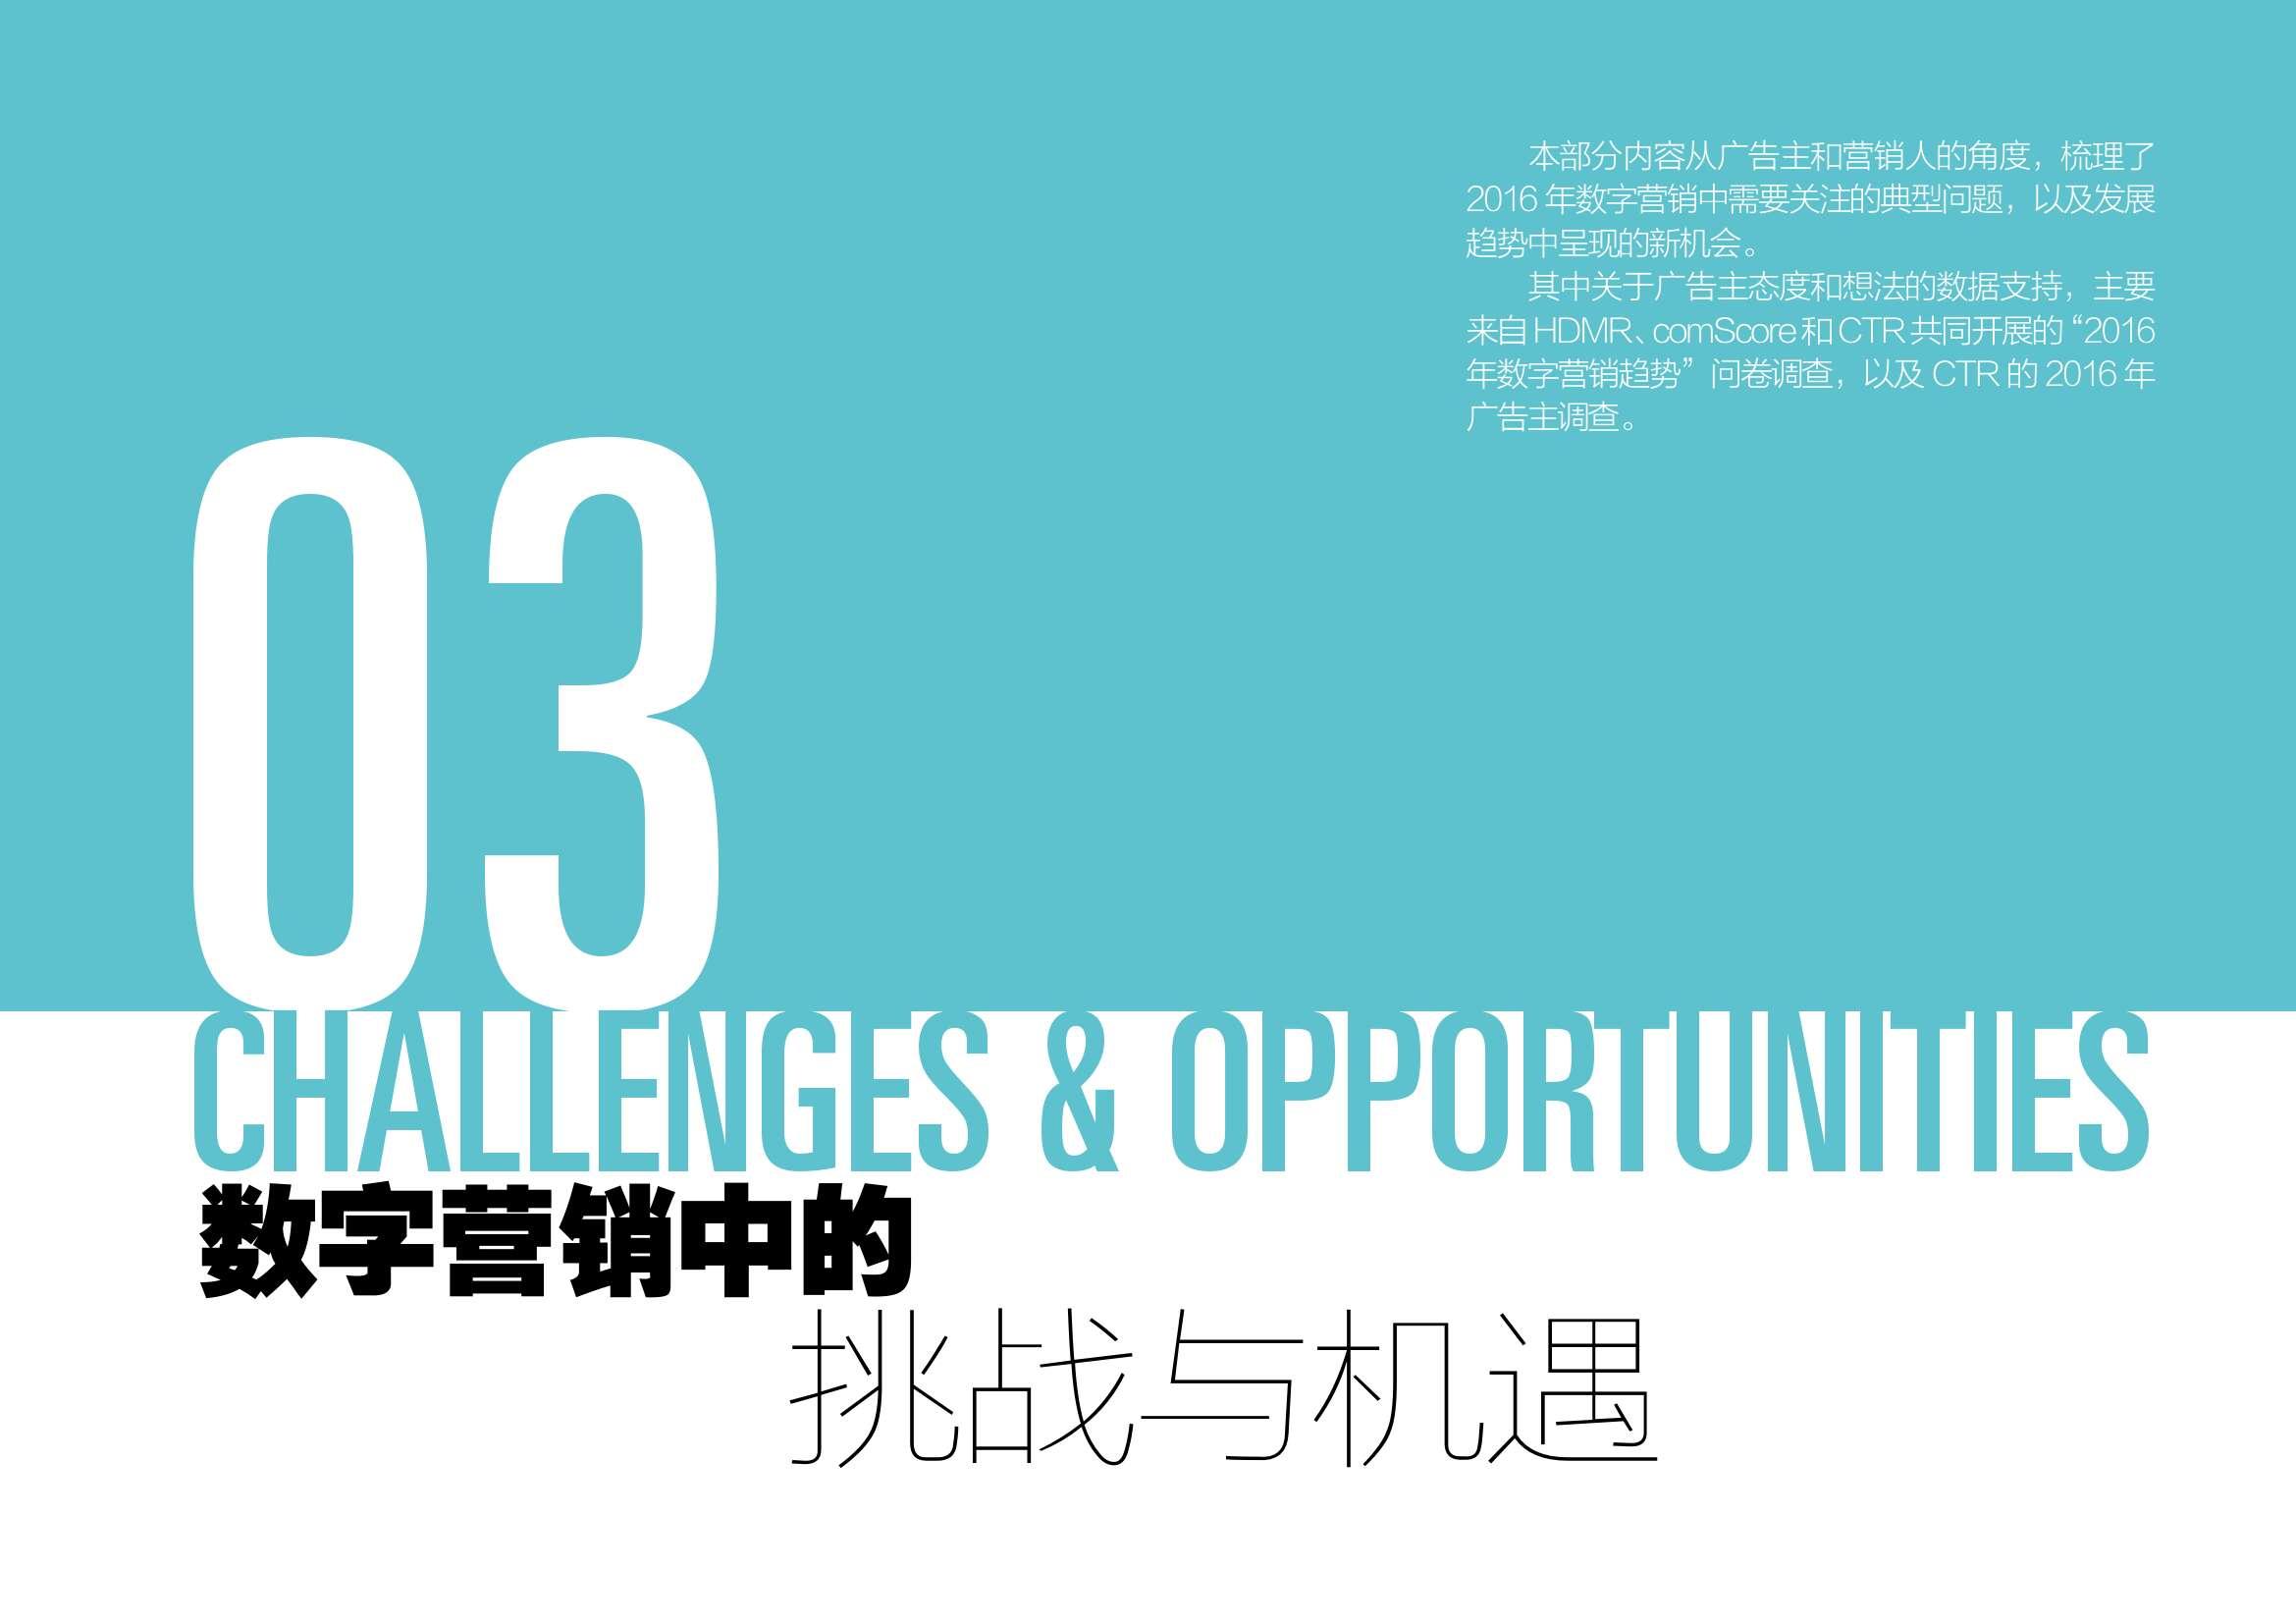 2016中国数字营销行动报告_000023